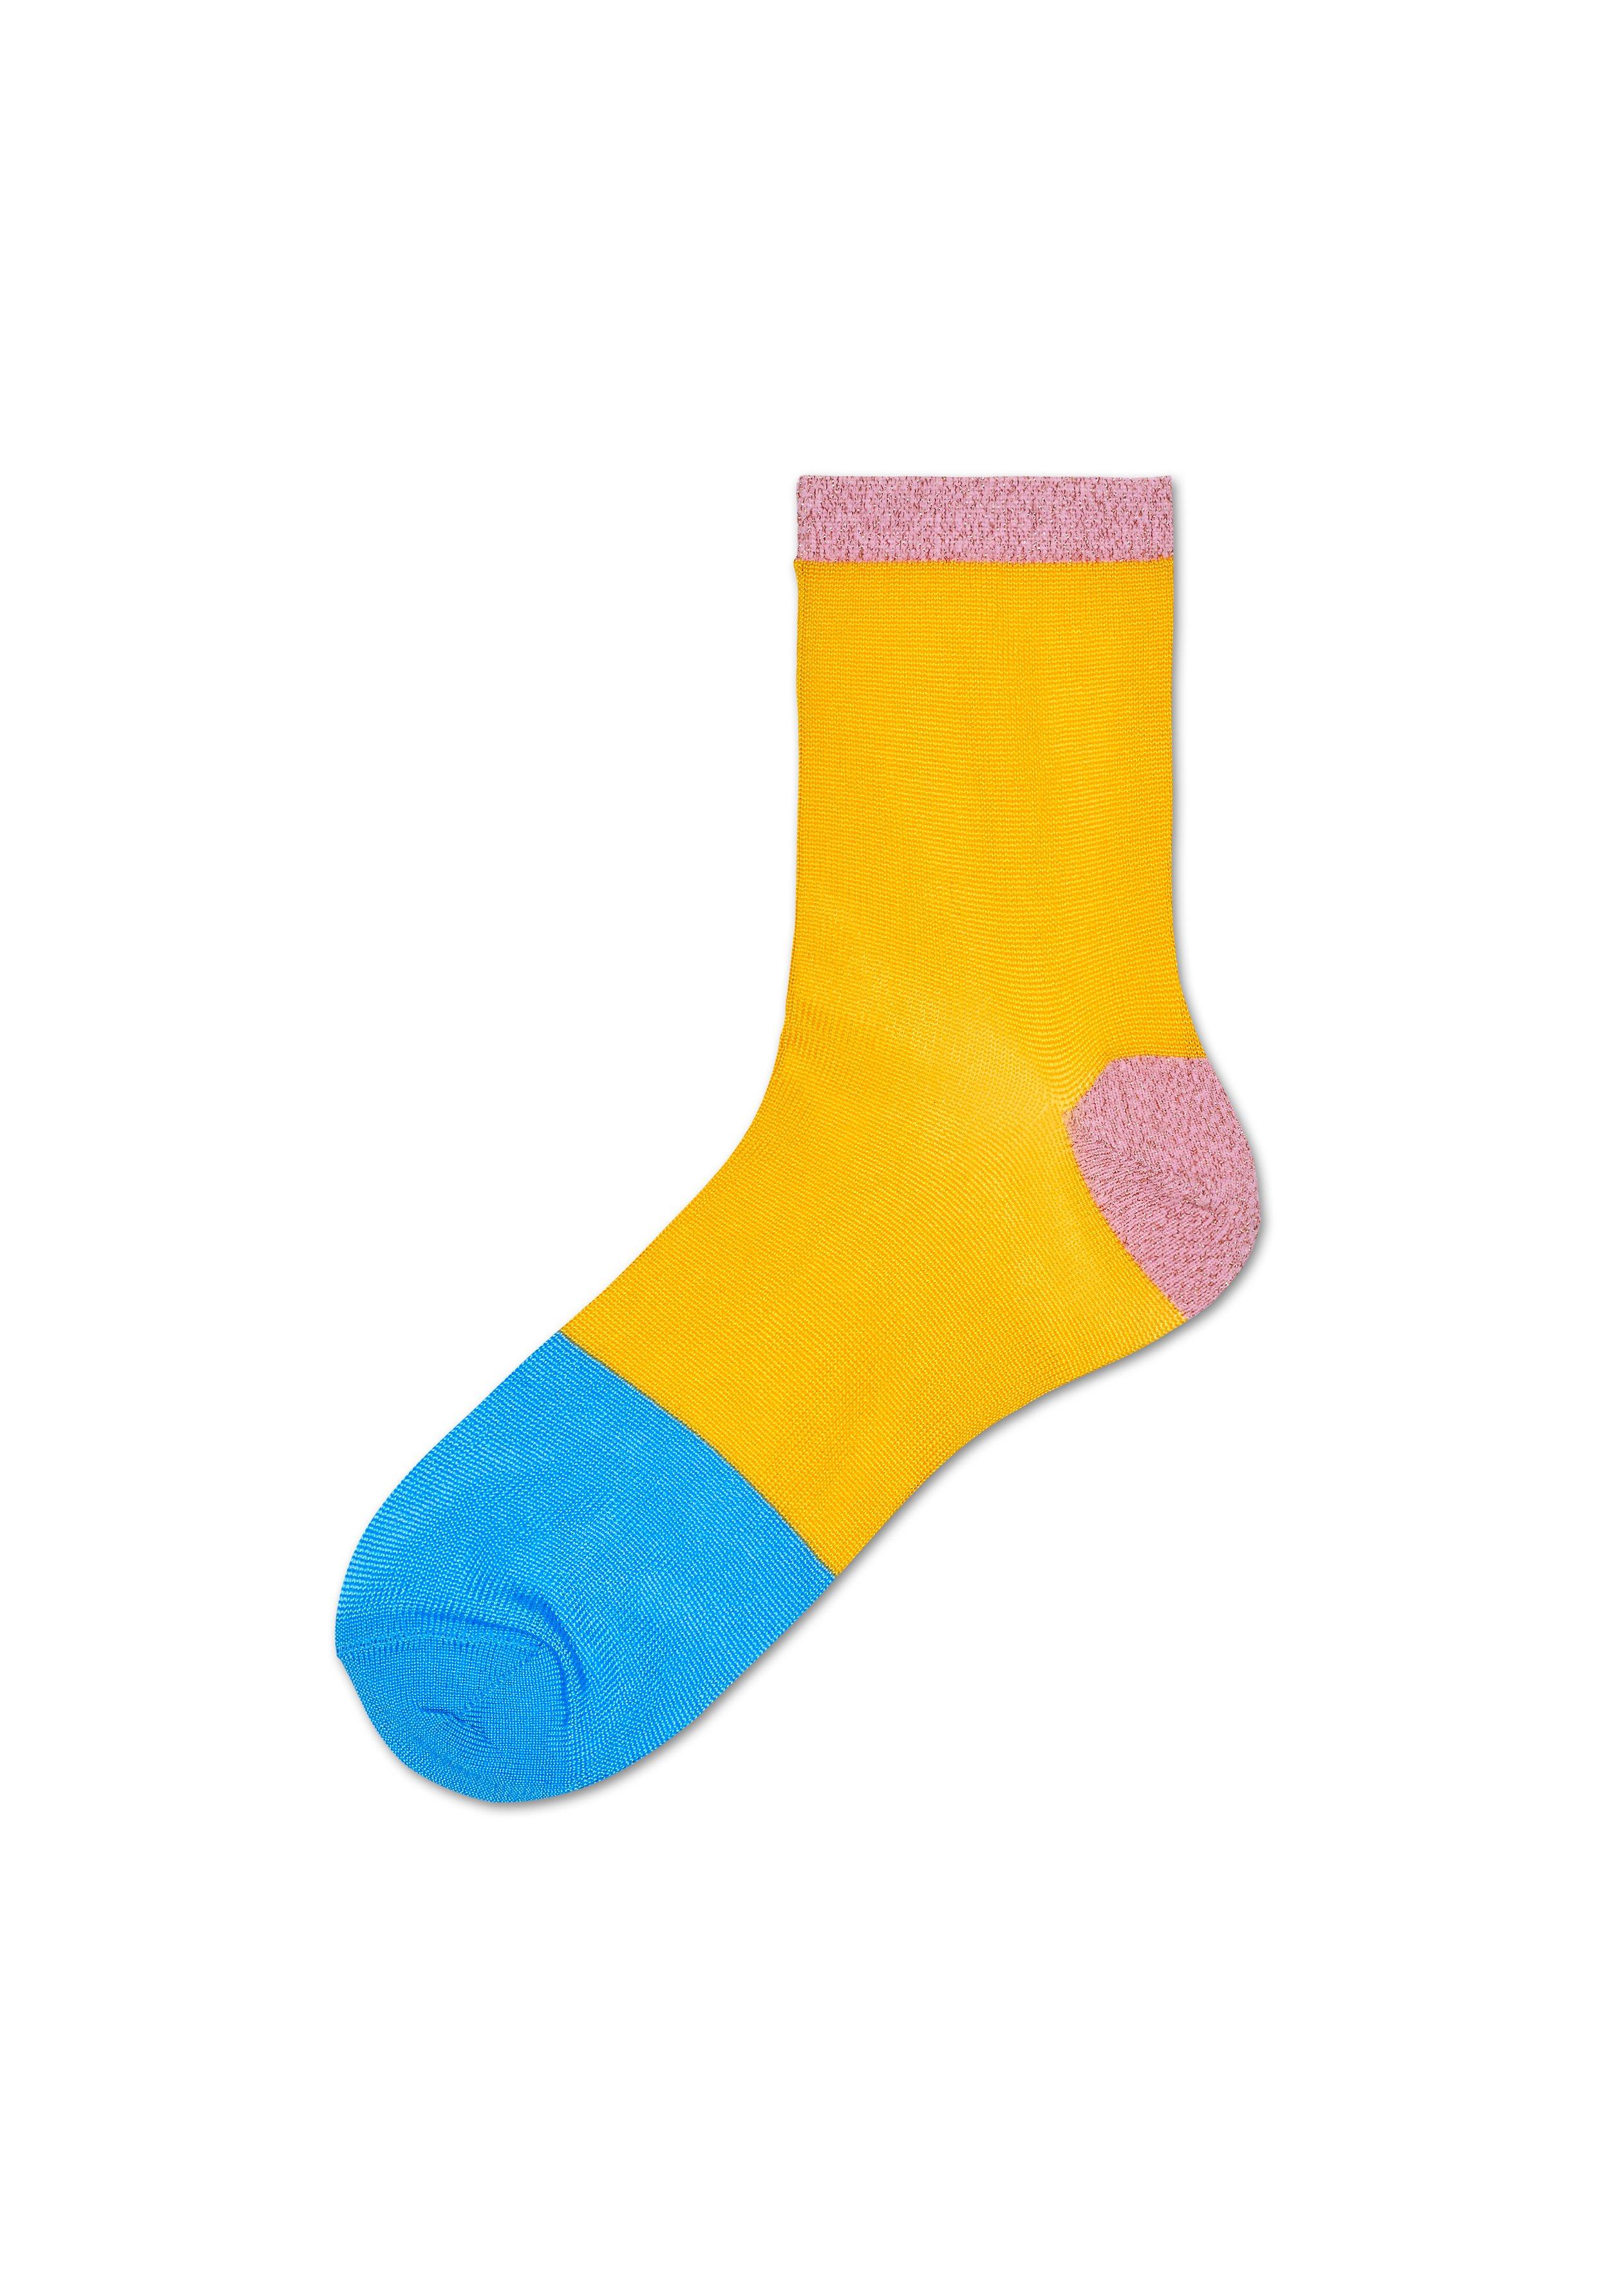 Dámské žluté ponožky Happy Socks Liza    kolekce Hysteria - Glami.cz 09a88d0442